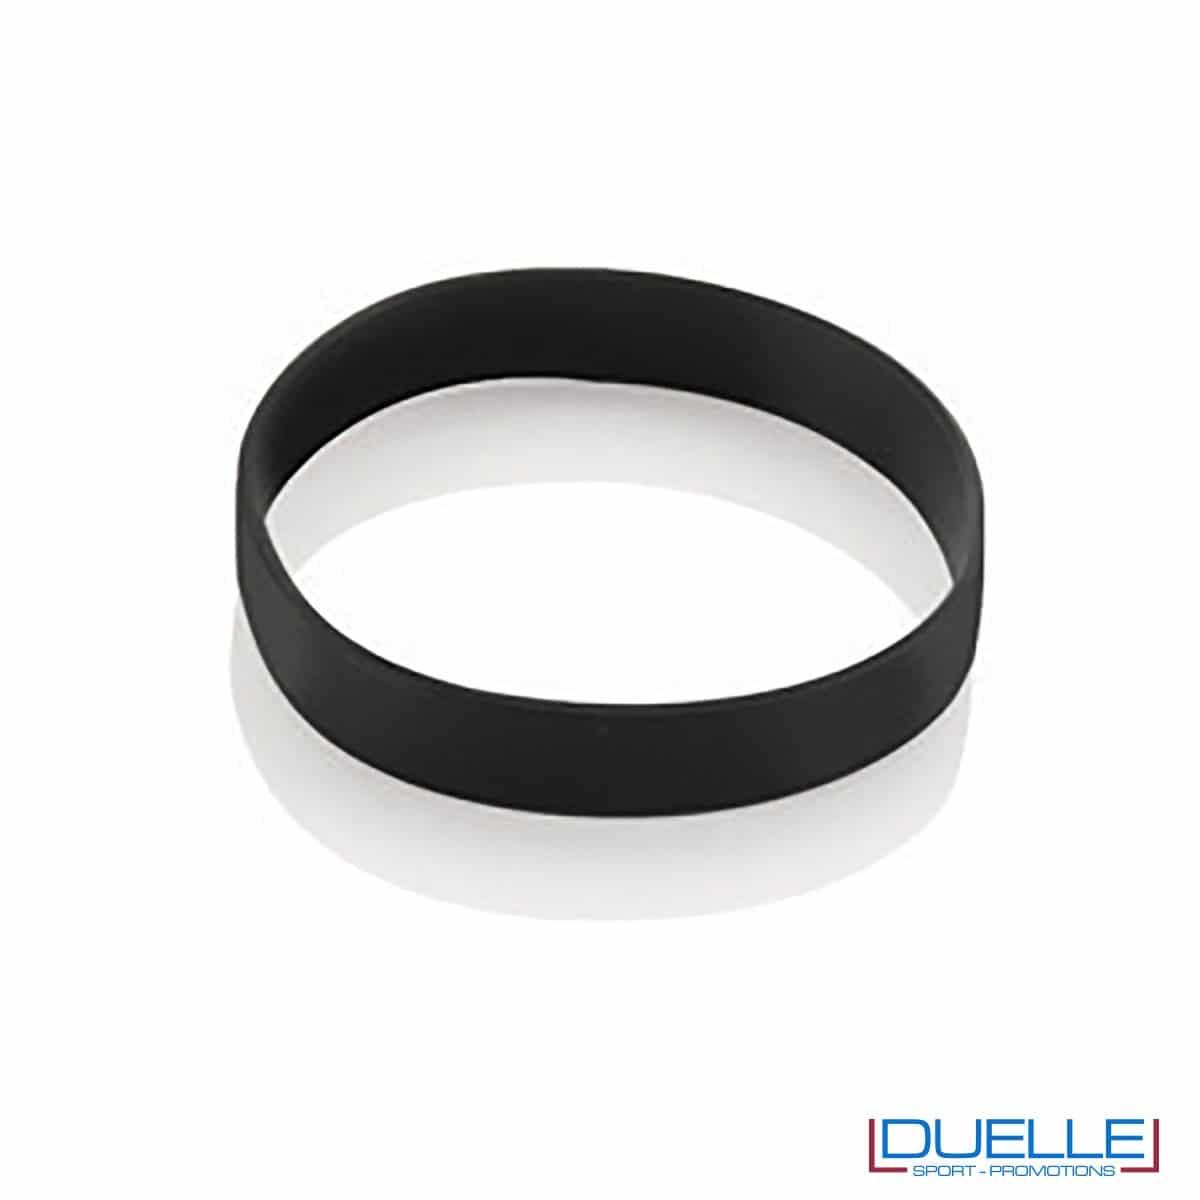 bracciale in silicone personalizzato nero Europei 2016, gadget estate sport, gadget Europei 2016, gadget tifo